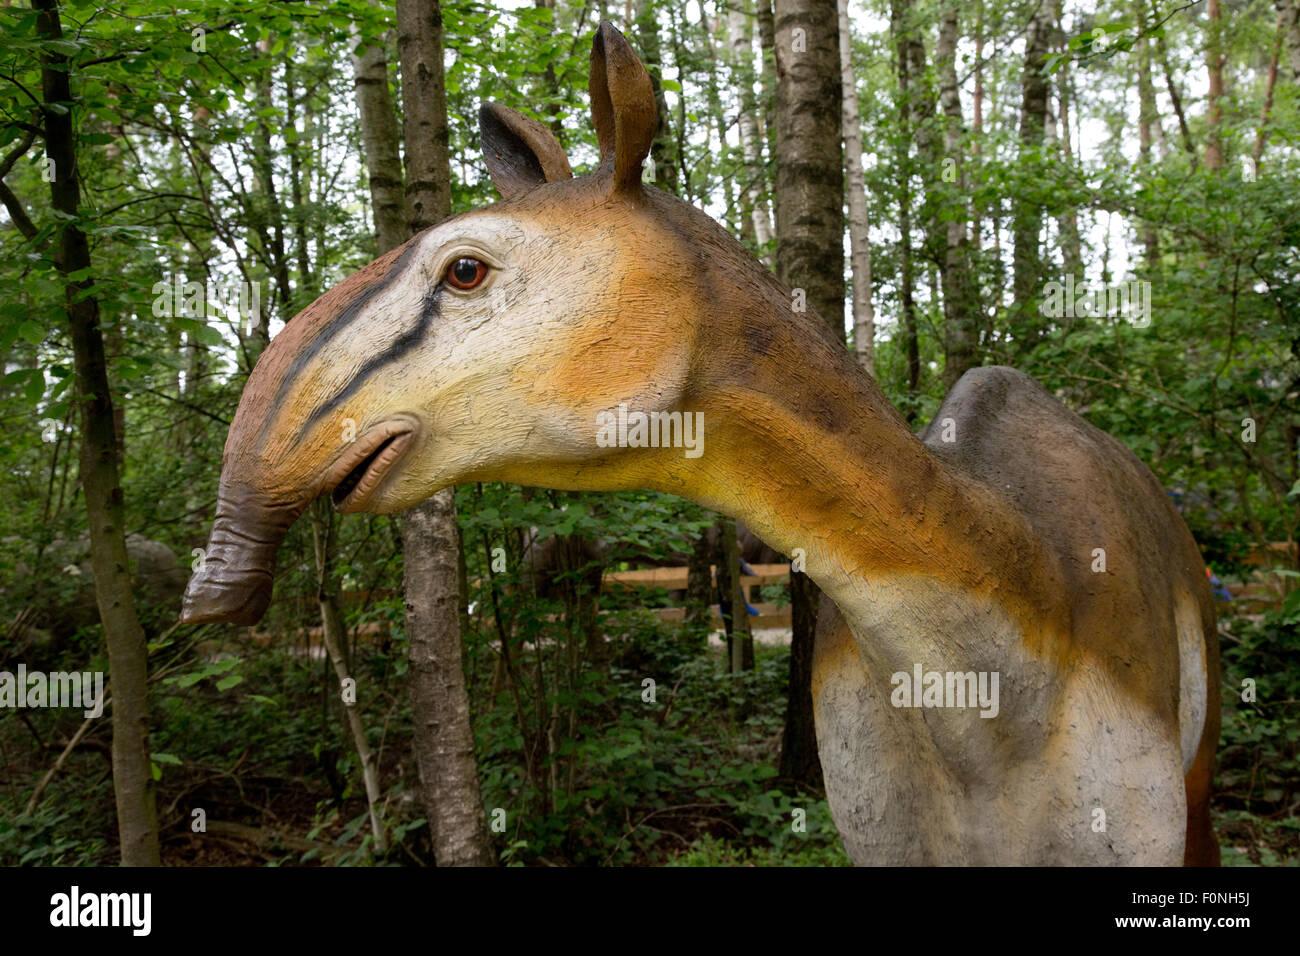 Macrauchenia long col disparu trois doigts mammifère ongulé d'Amérique du Sud Allemagne Parc Dinosaurier Banque D'Images